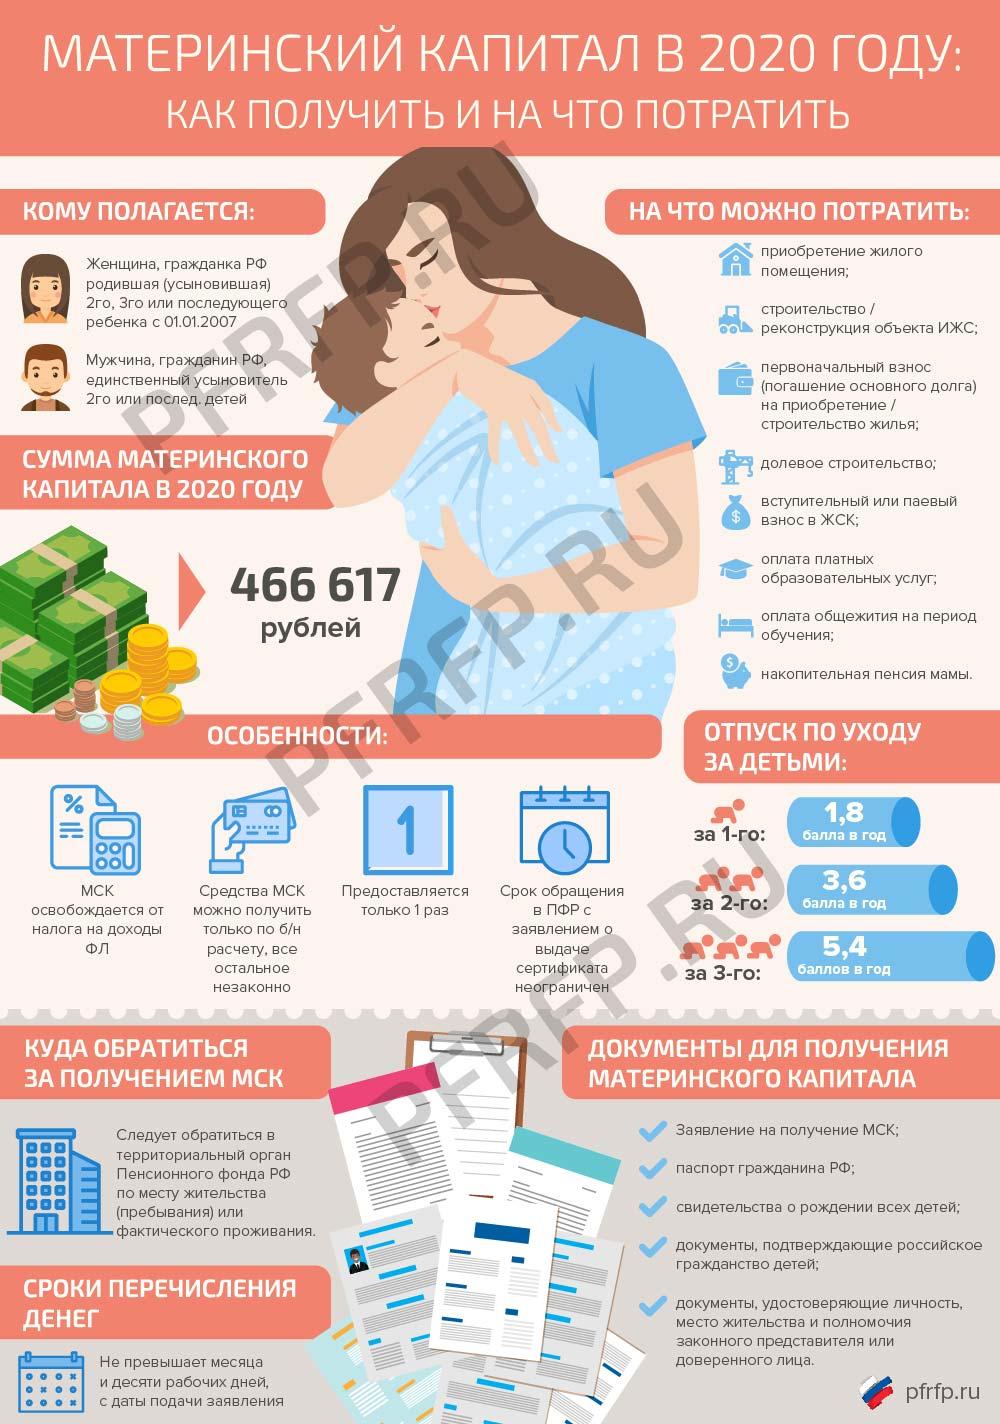 4 способа потратить материнский капитал с пользой